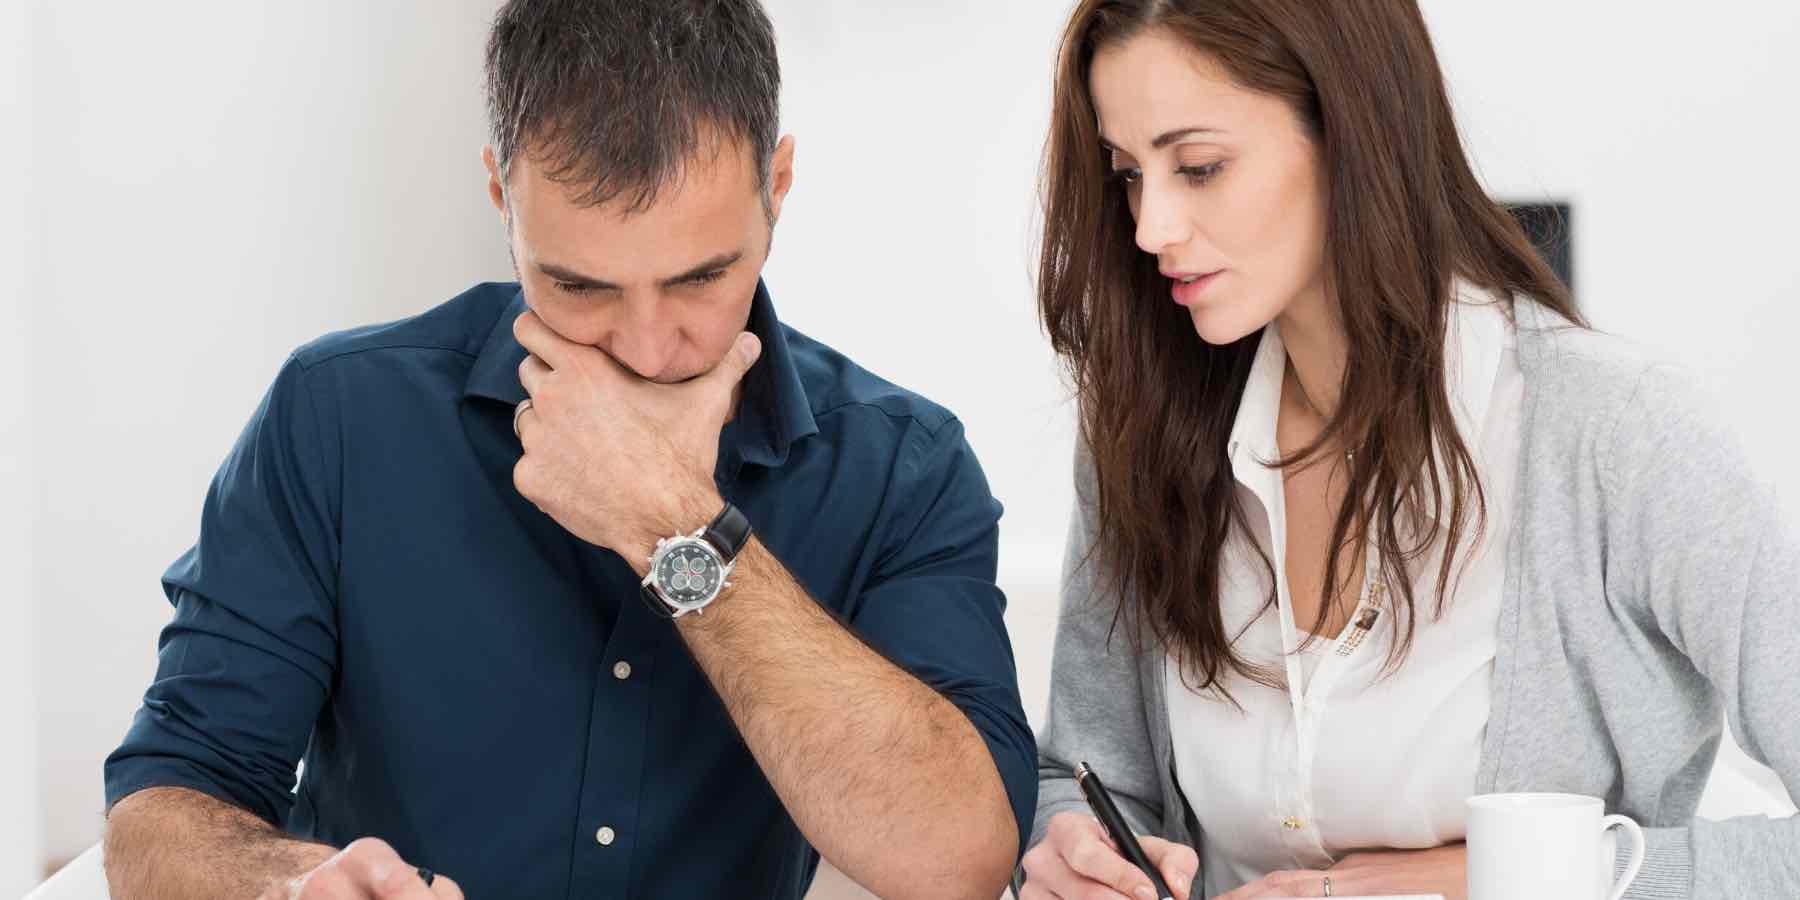 Moratória do Credito Habitação